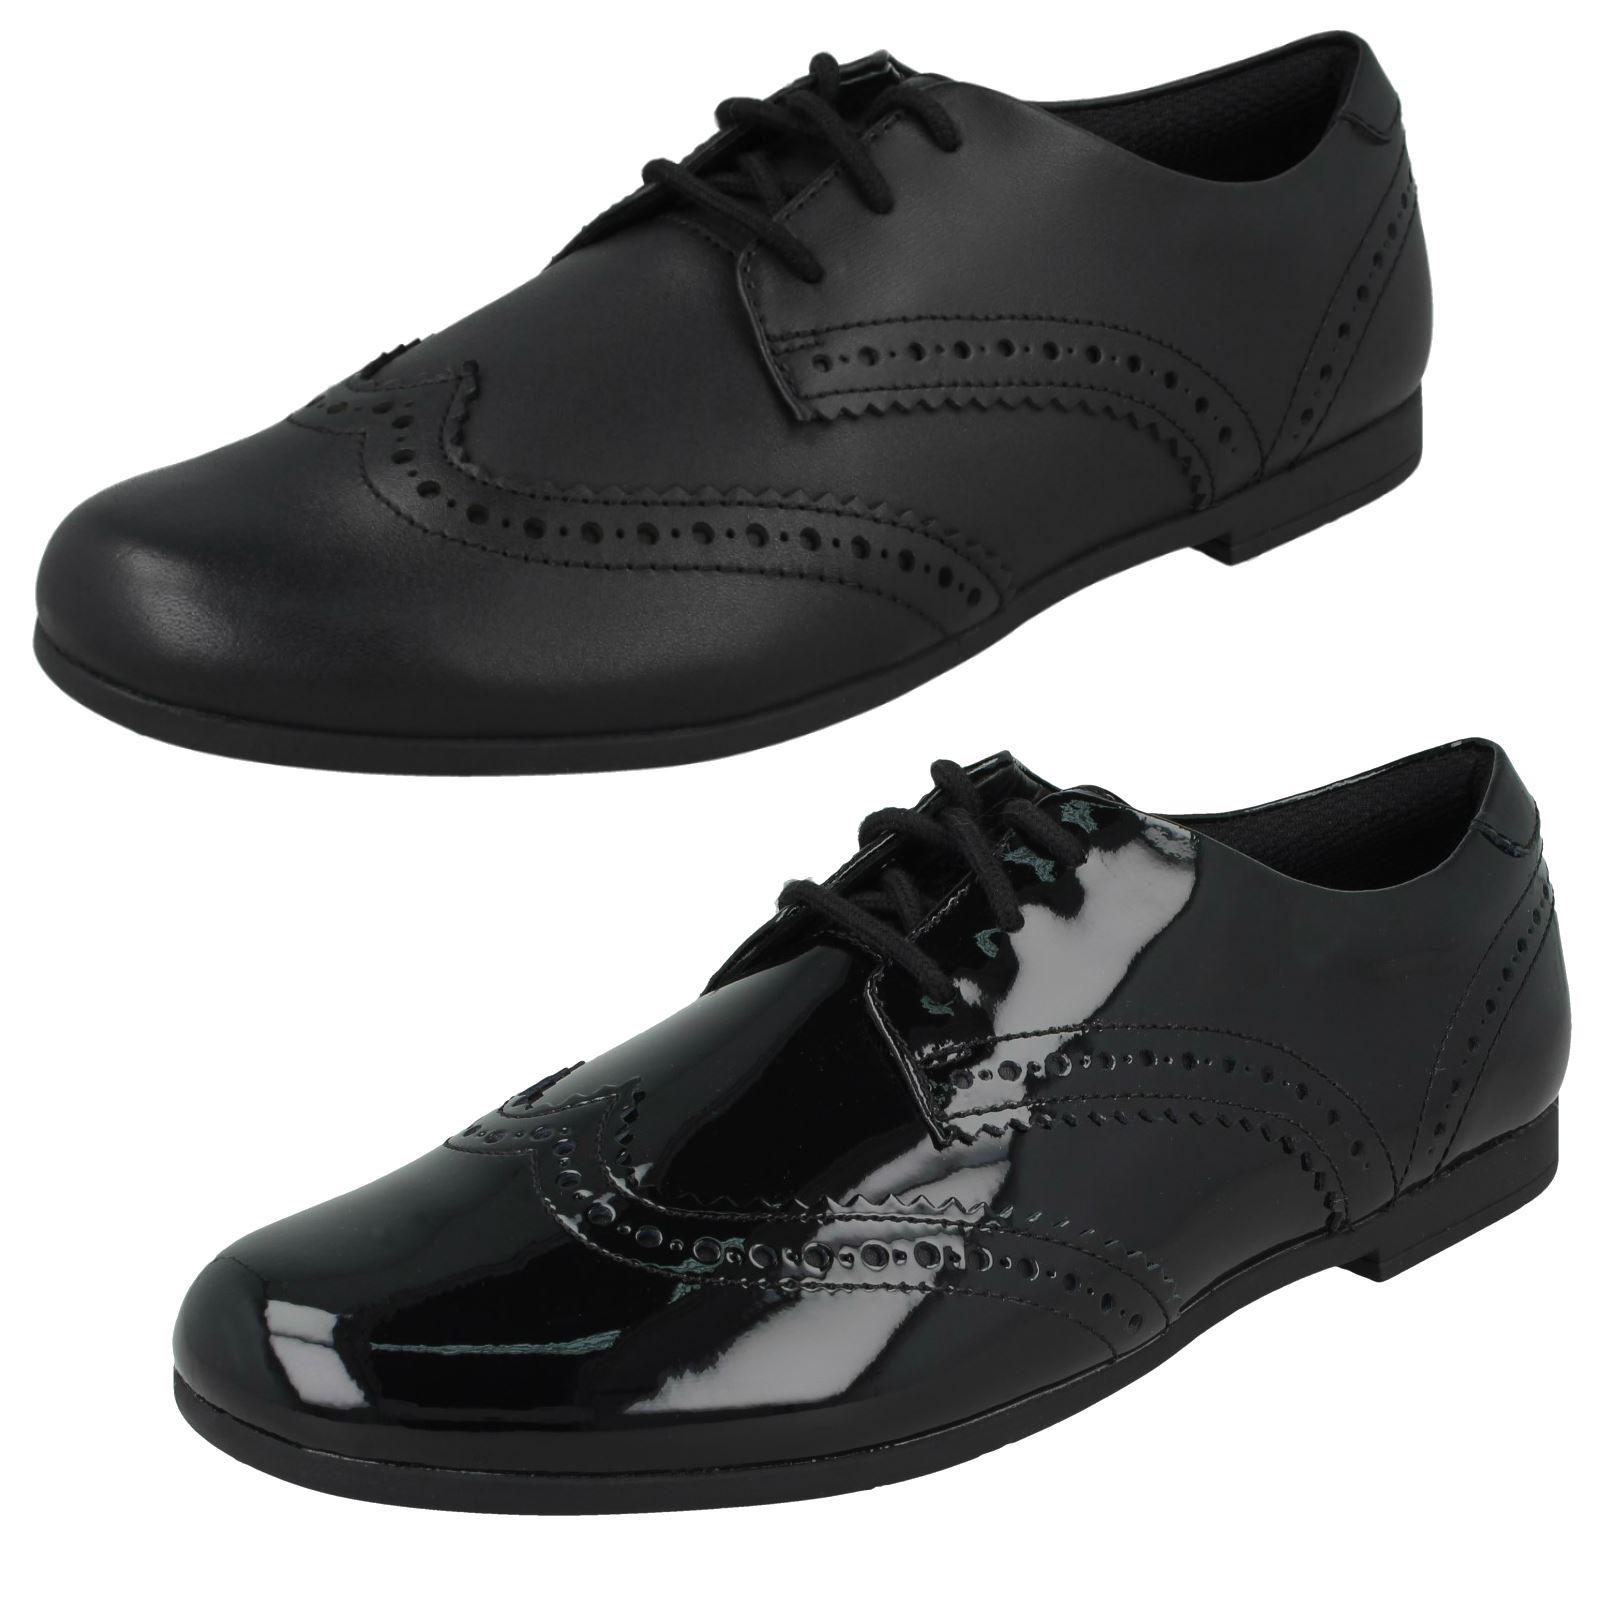 Filles Clarks Formal//École Chaussures-Scala chercher